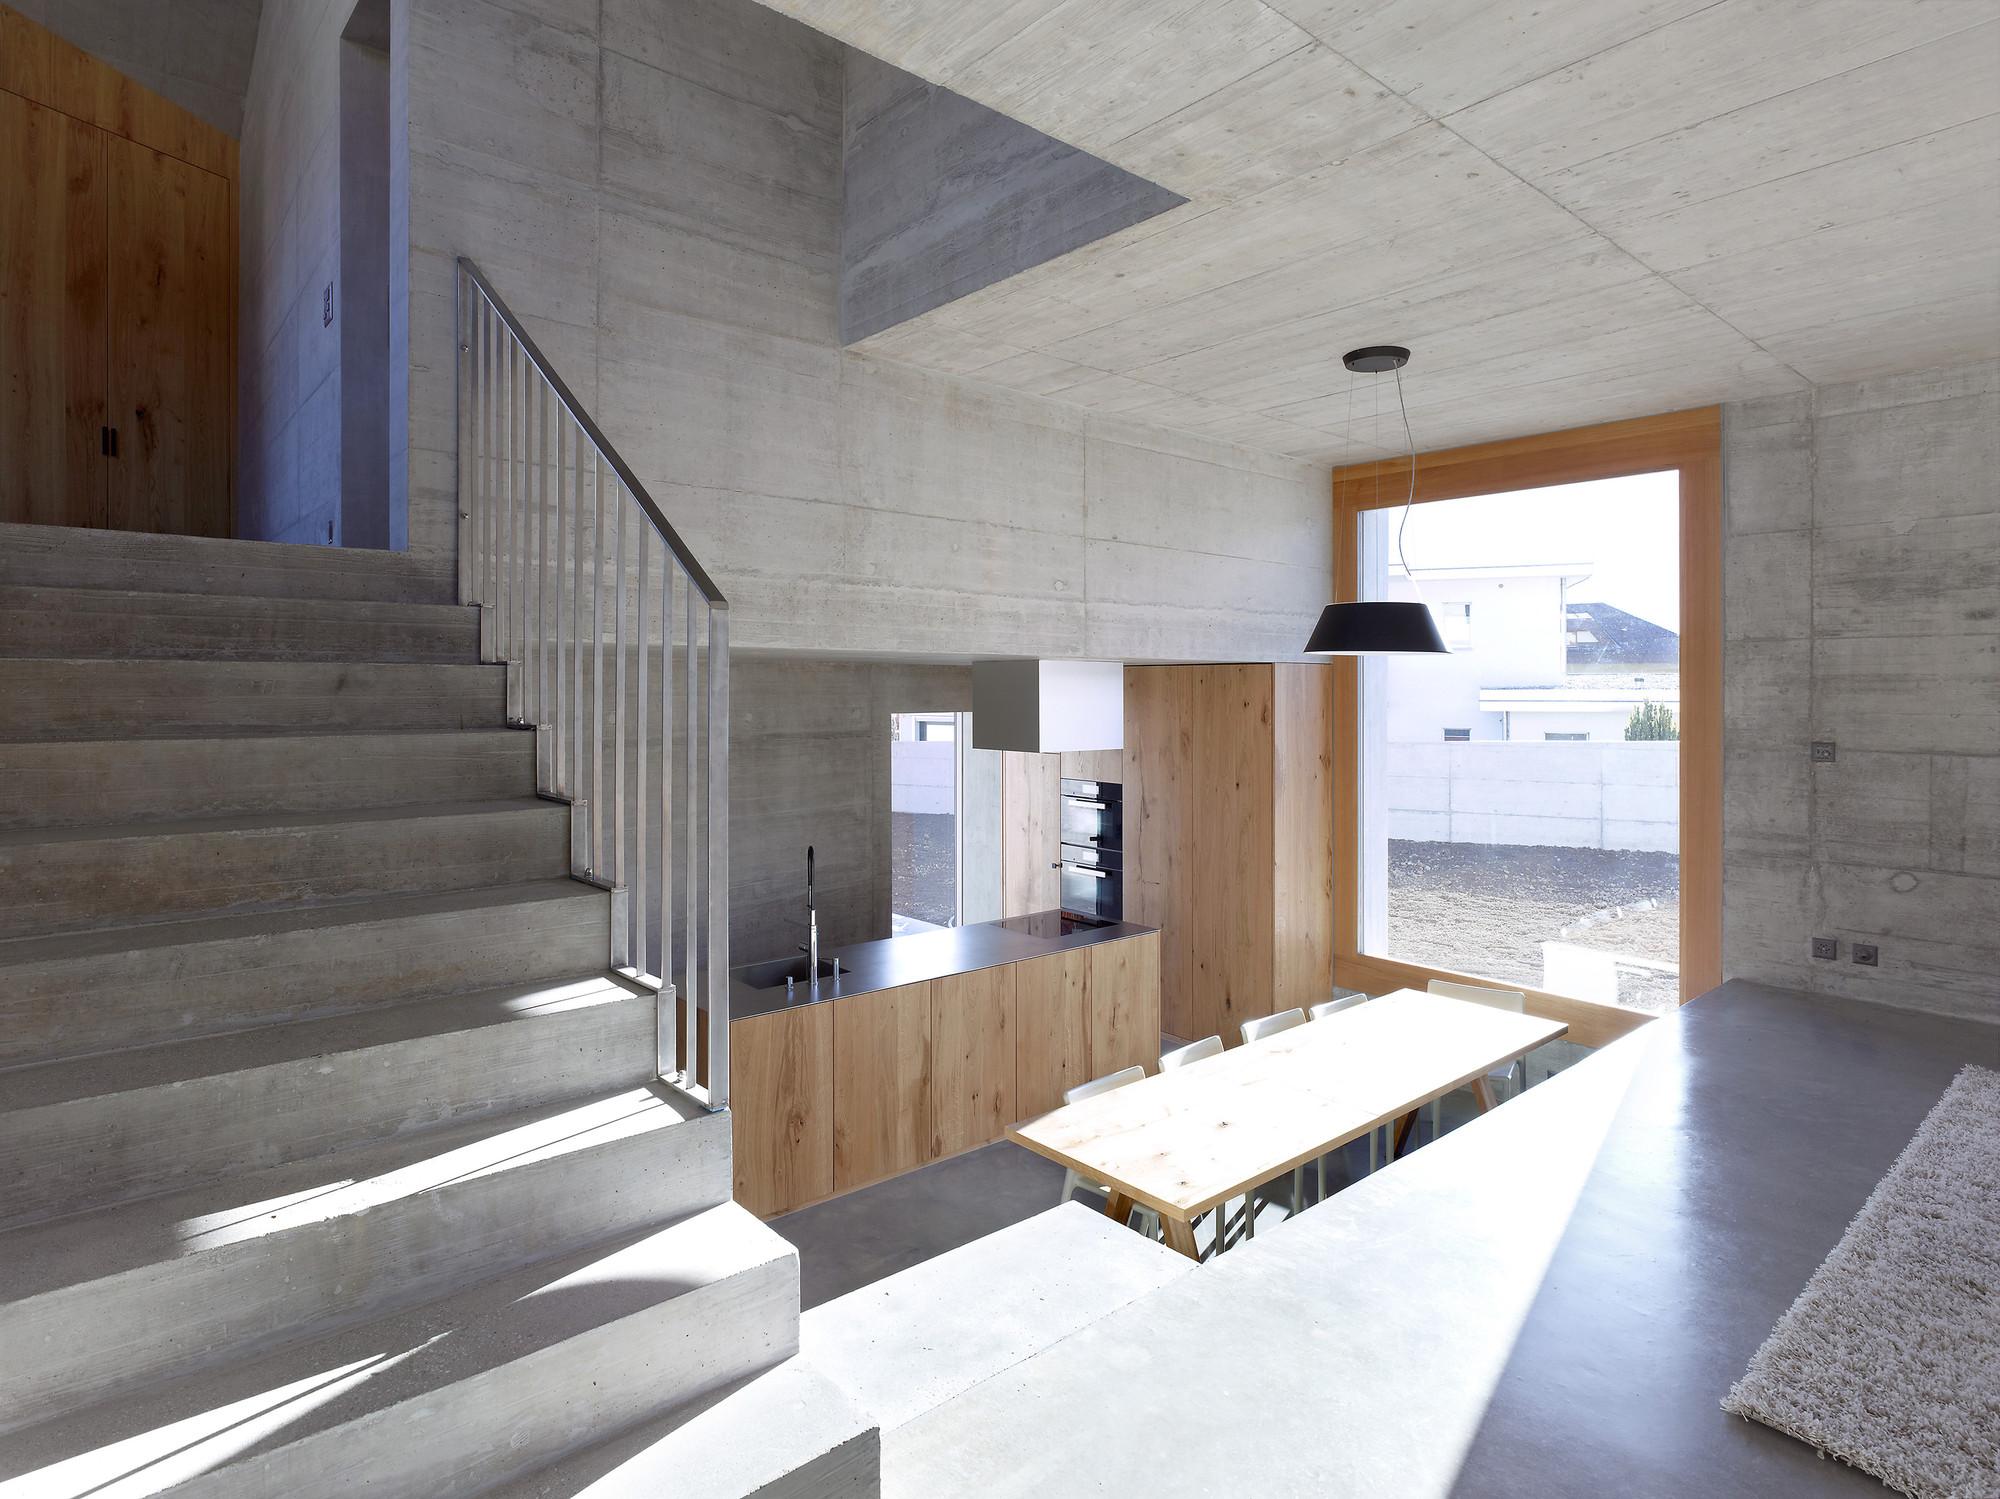 Maison Fabrizzi / Savioz Fabrizzi Architectes, © Thomas Jantscher